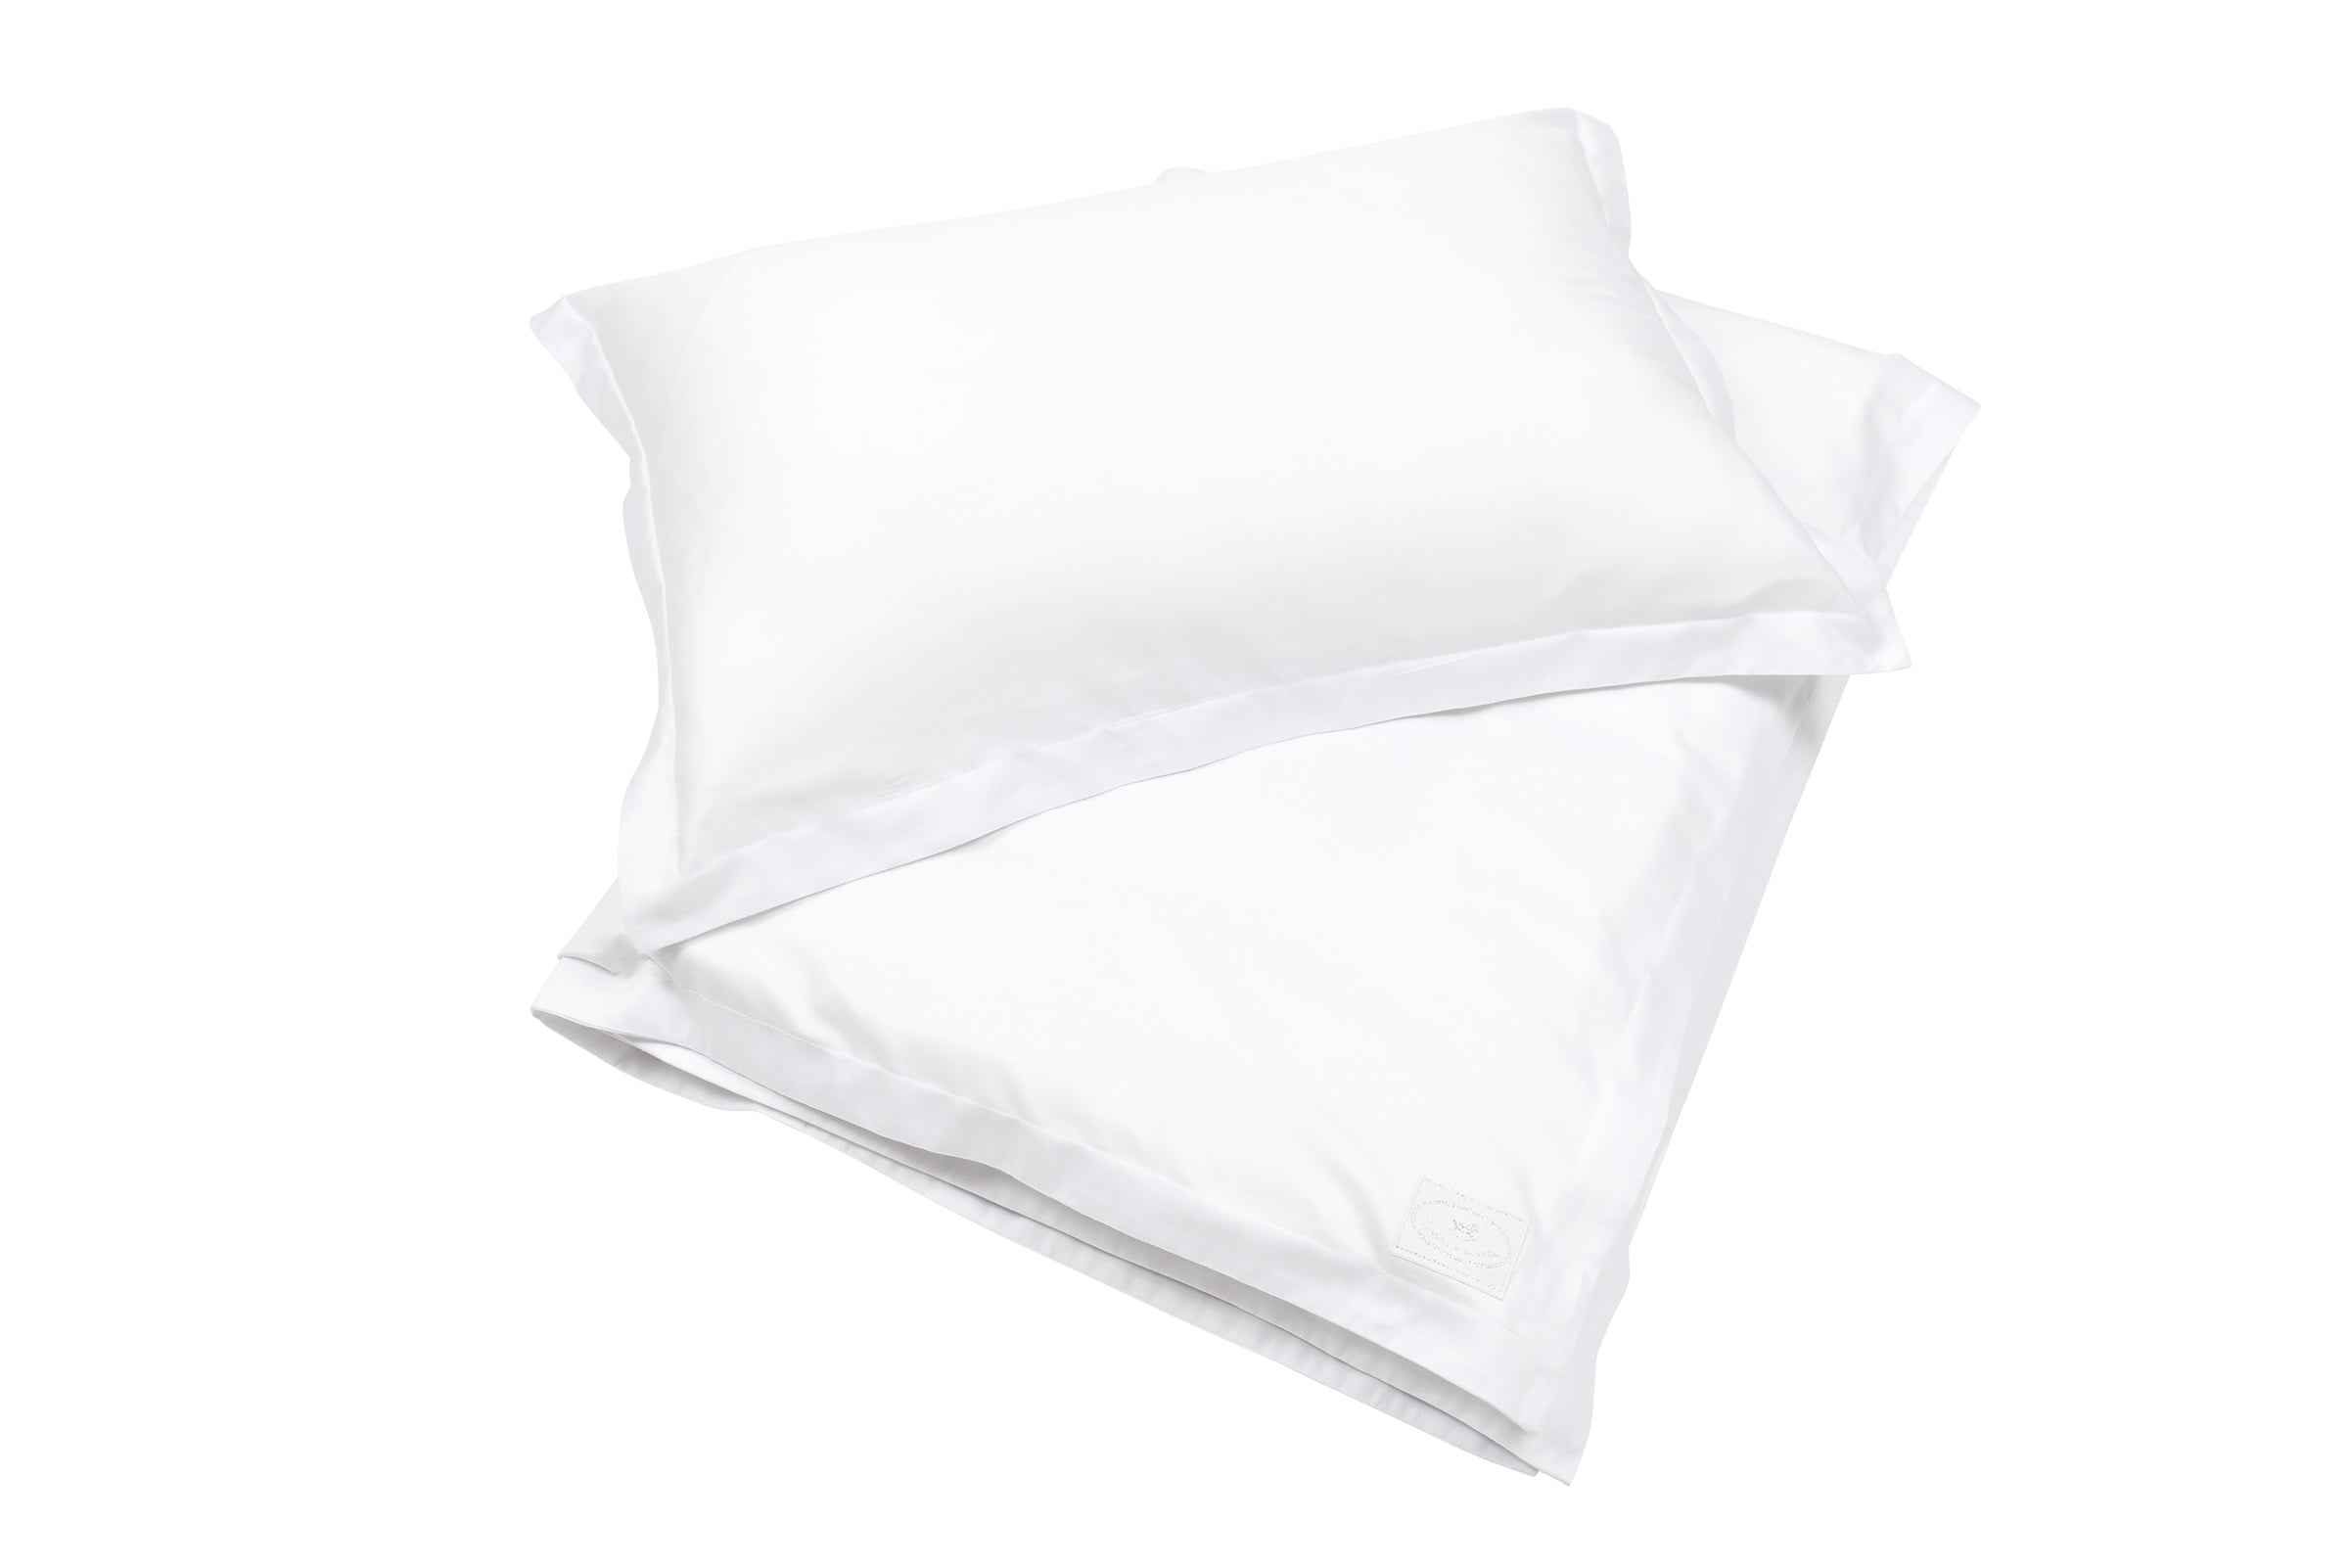 postelna-bielizen-junior-000-dadaboom-sk